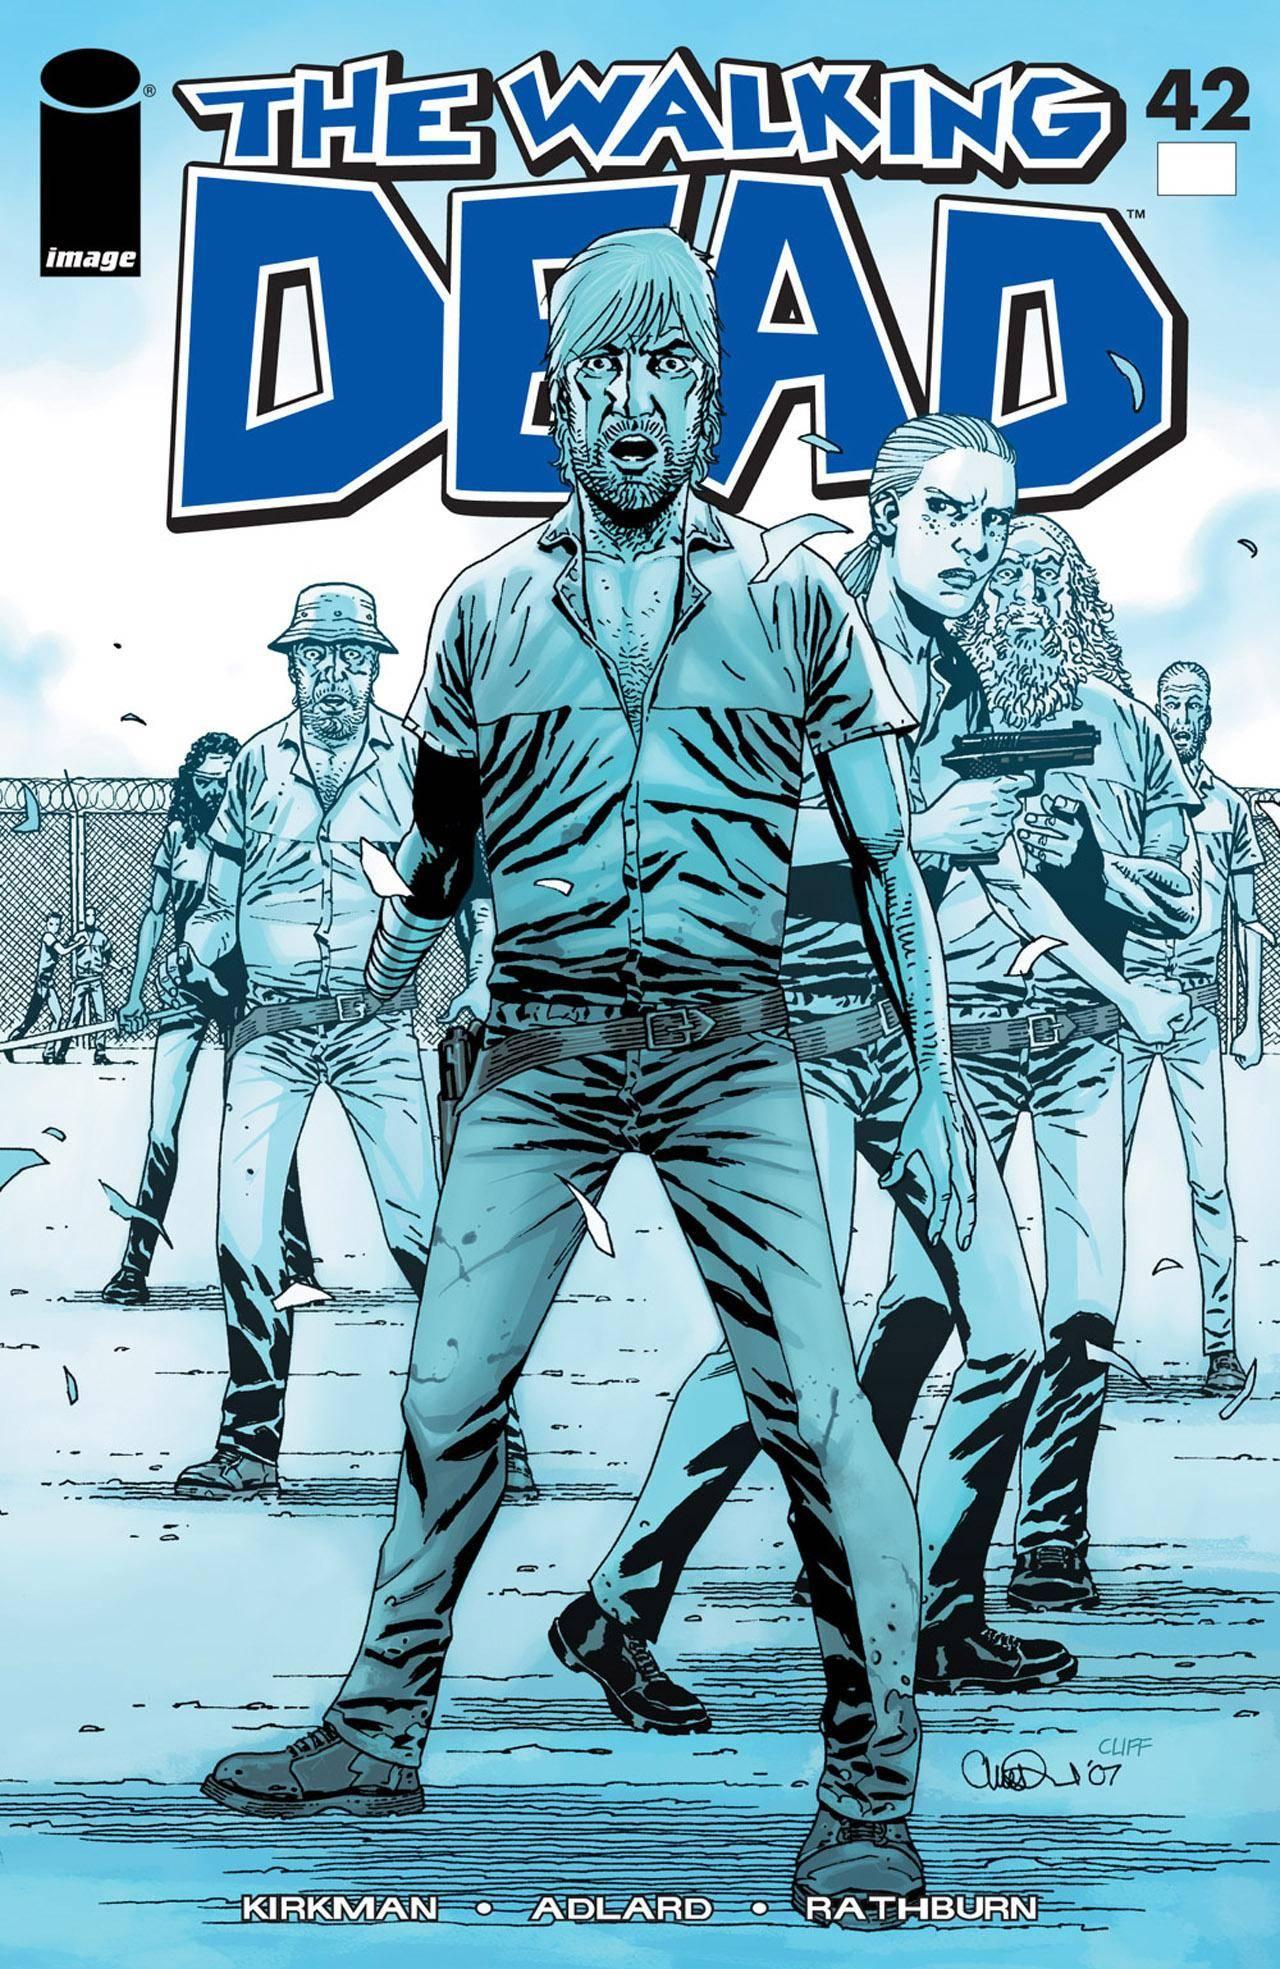 Walking Dead 042 2007 digital